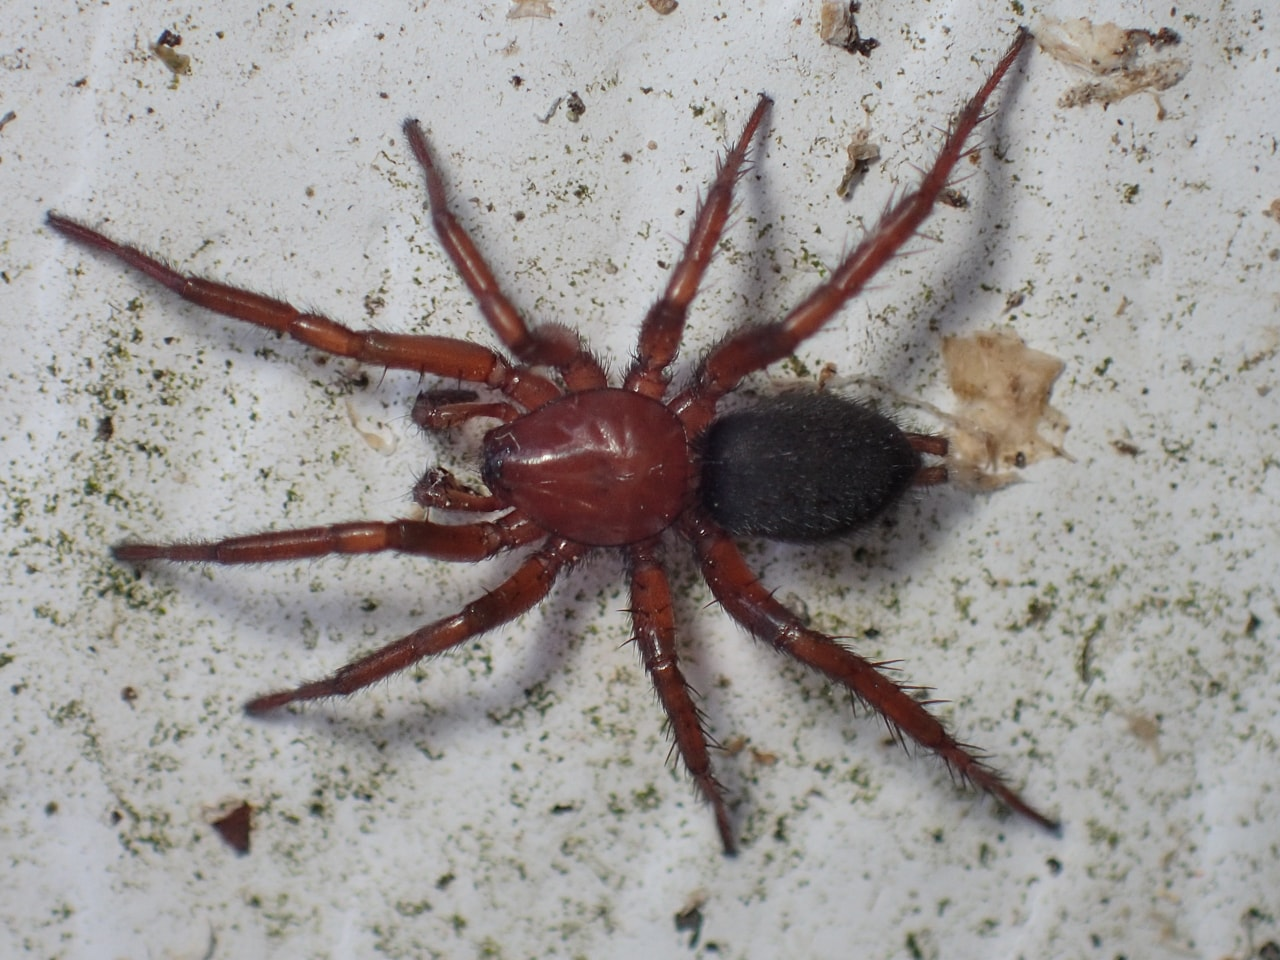 Picture of Gnaphosa sericata - Male - Dorsal